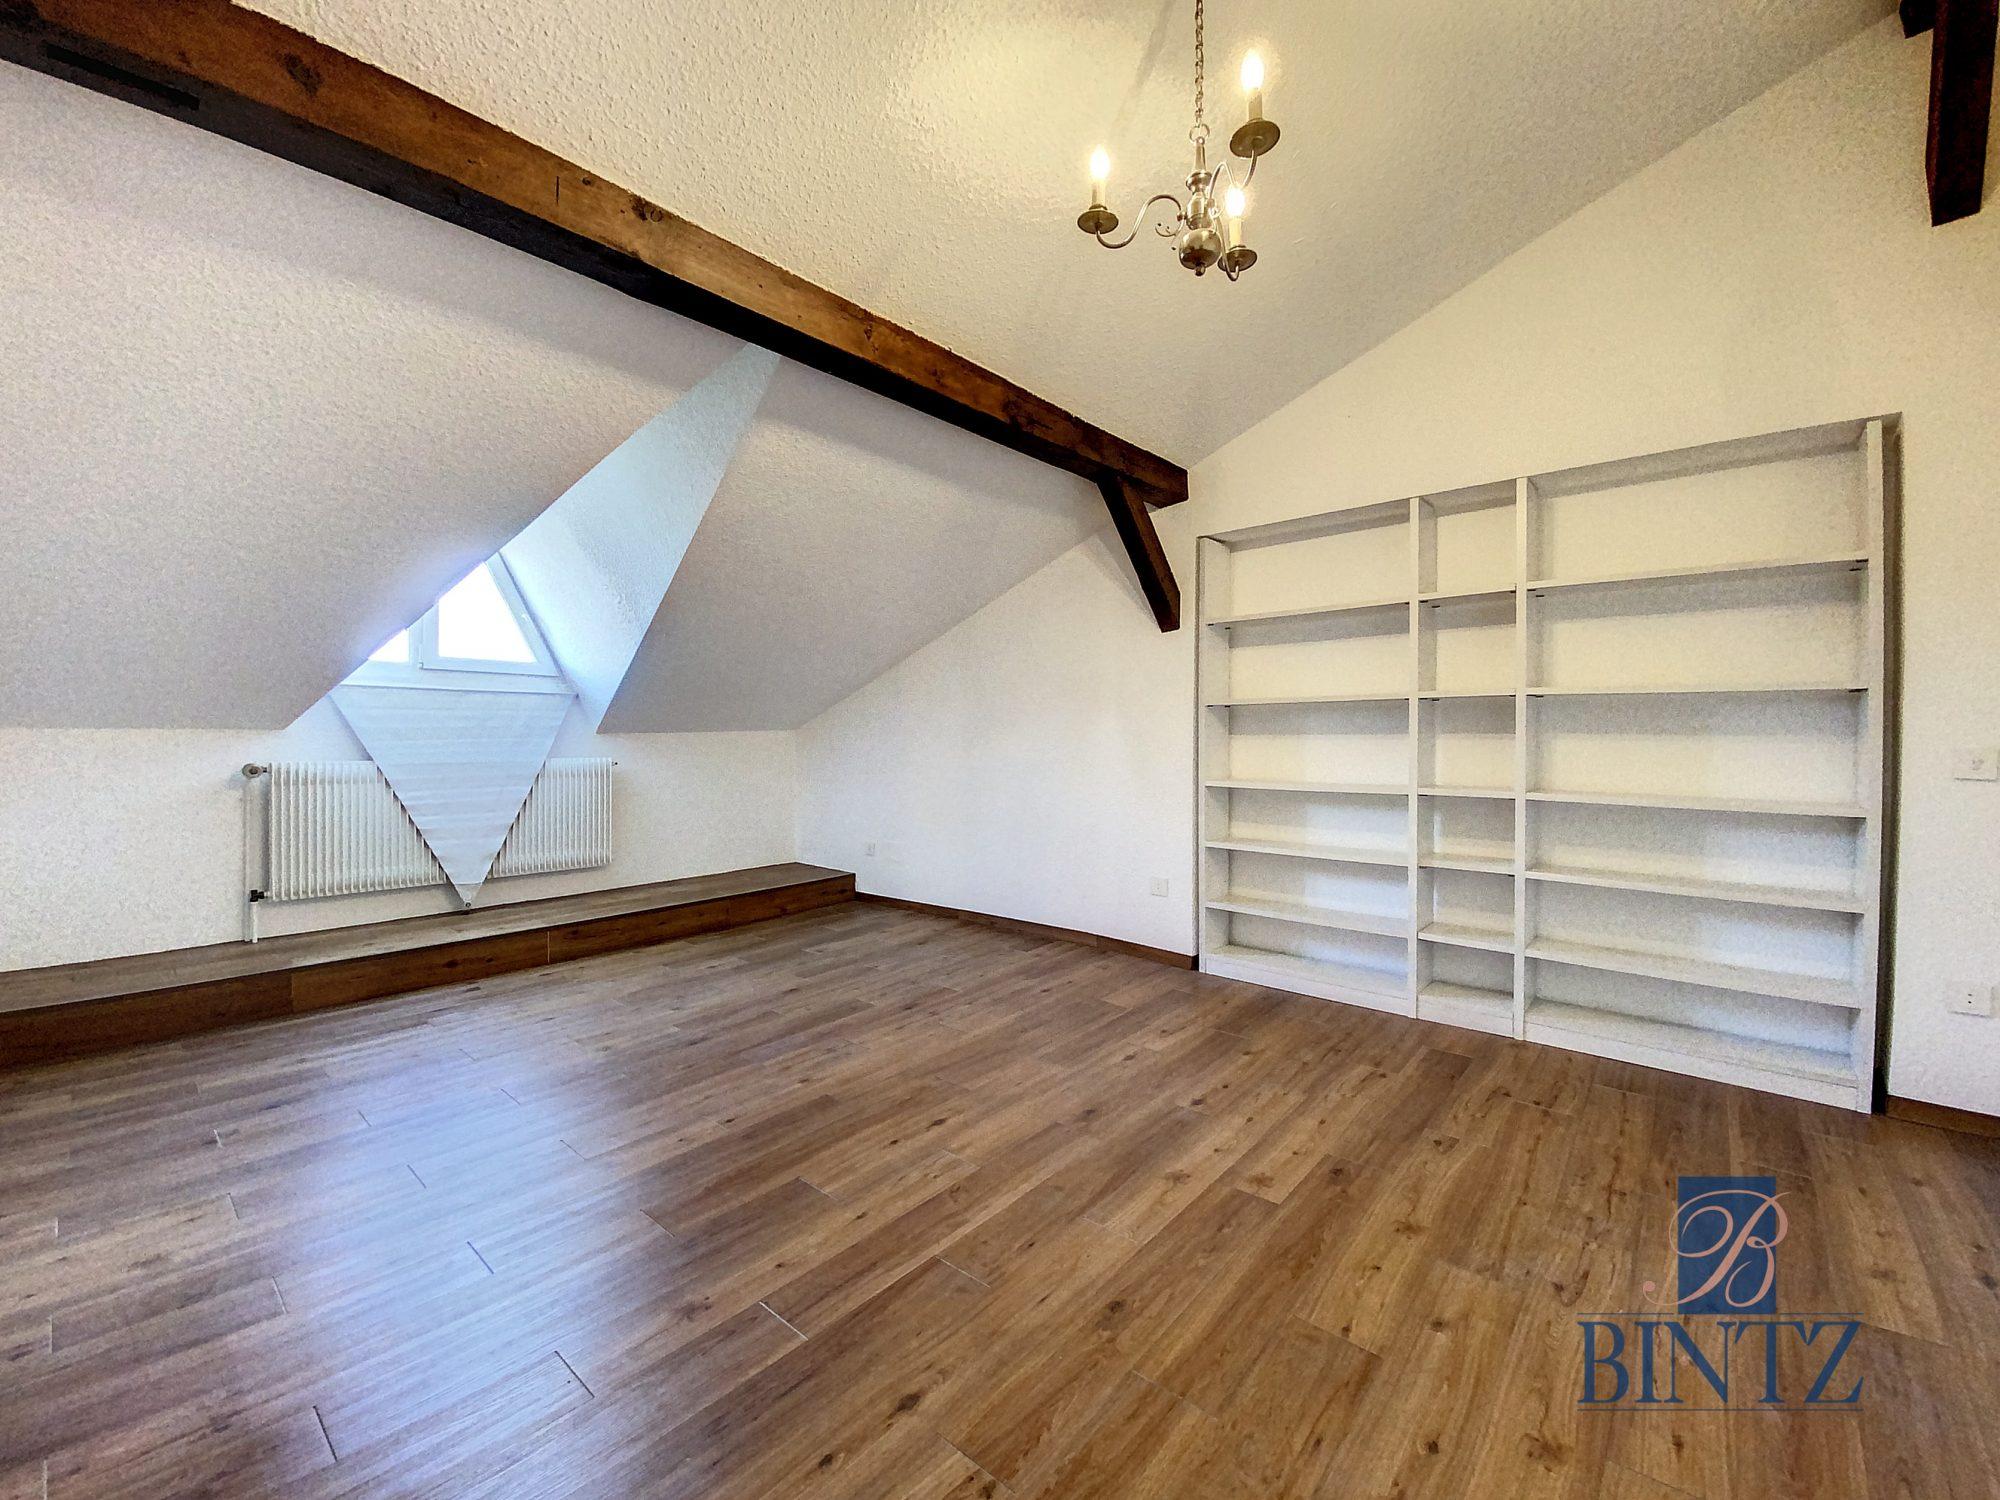 DUPLEX PLACE DE L'UNIVERSITÉ AVEC TERRASSE - Devenez locataire en toute sérénité - Bintz Immobilier - 6